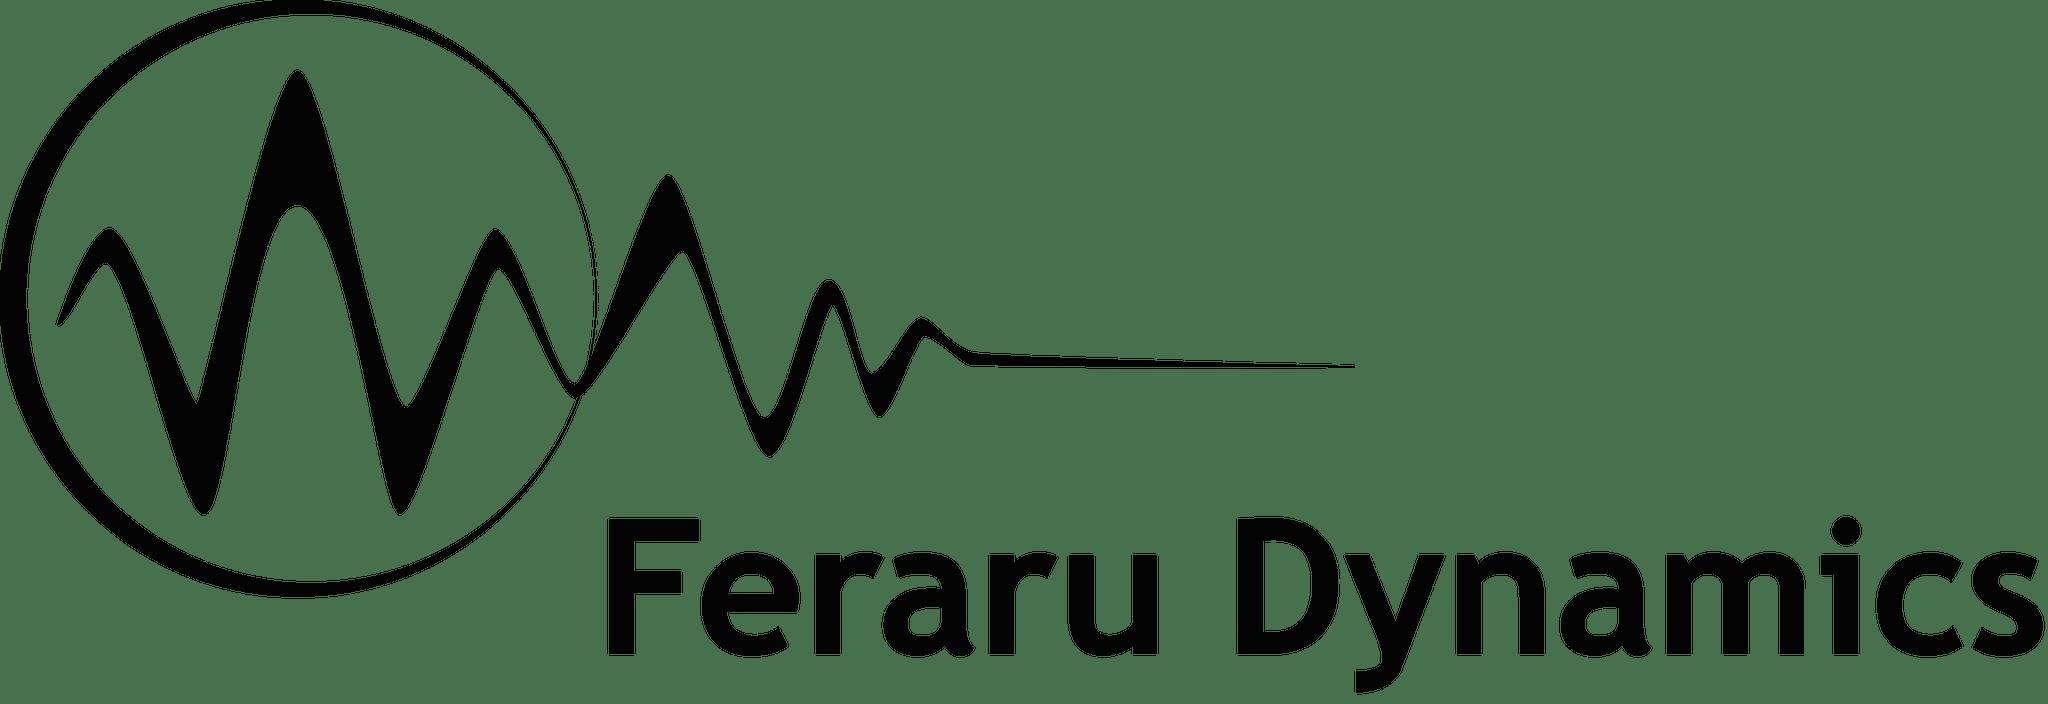 Feraru Dynamics